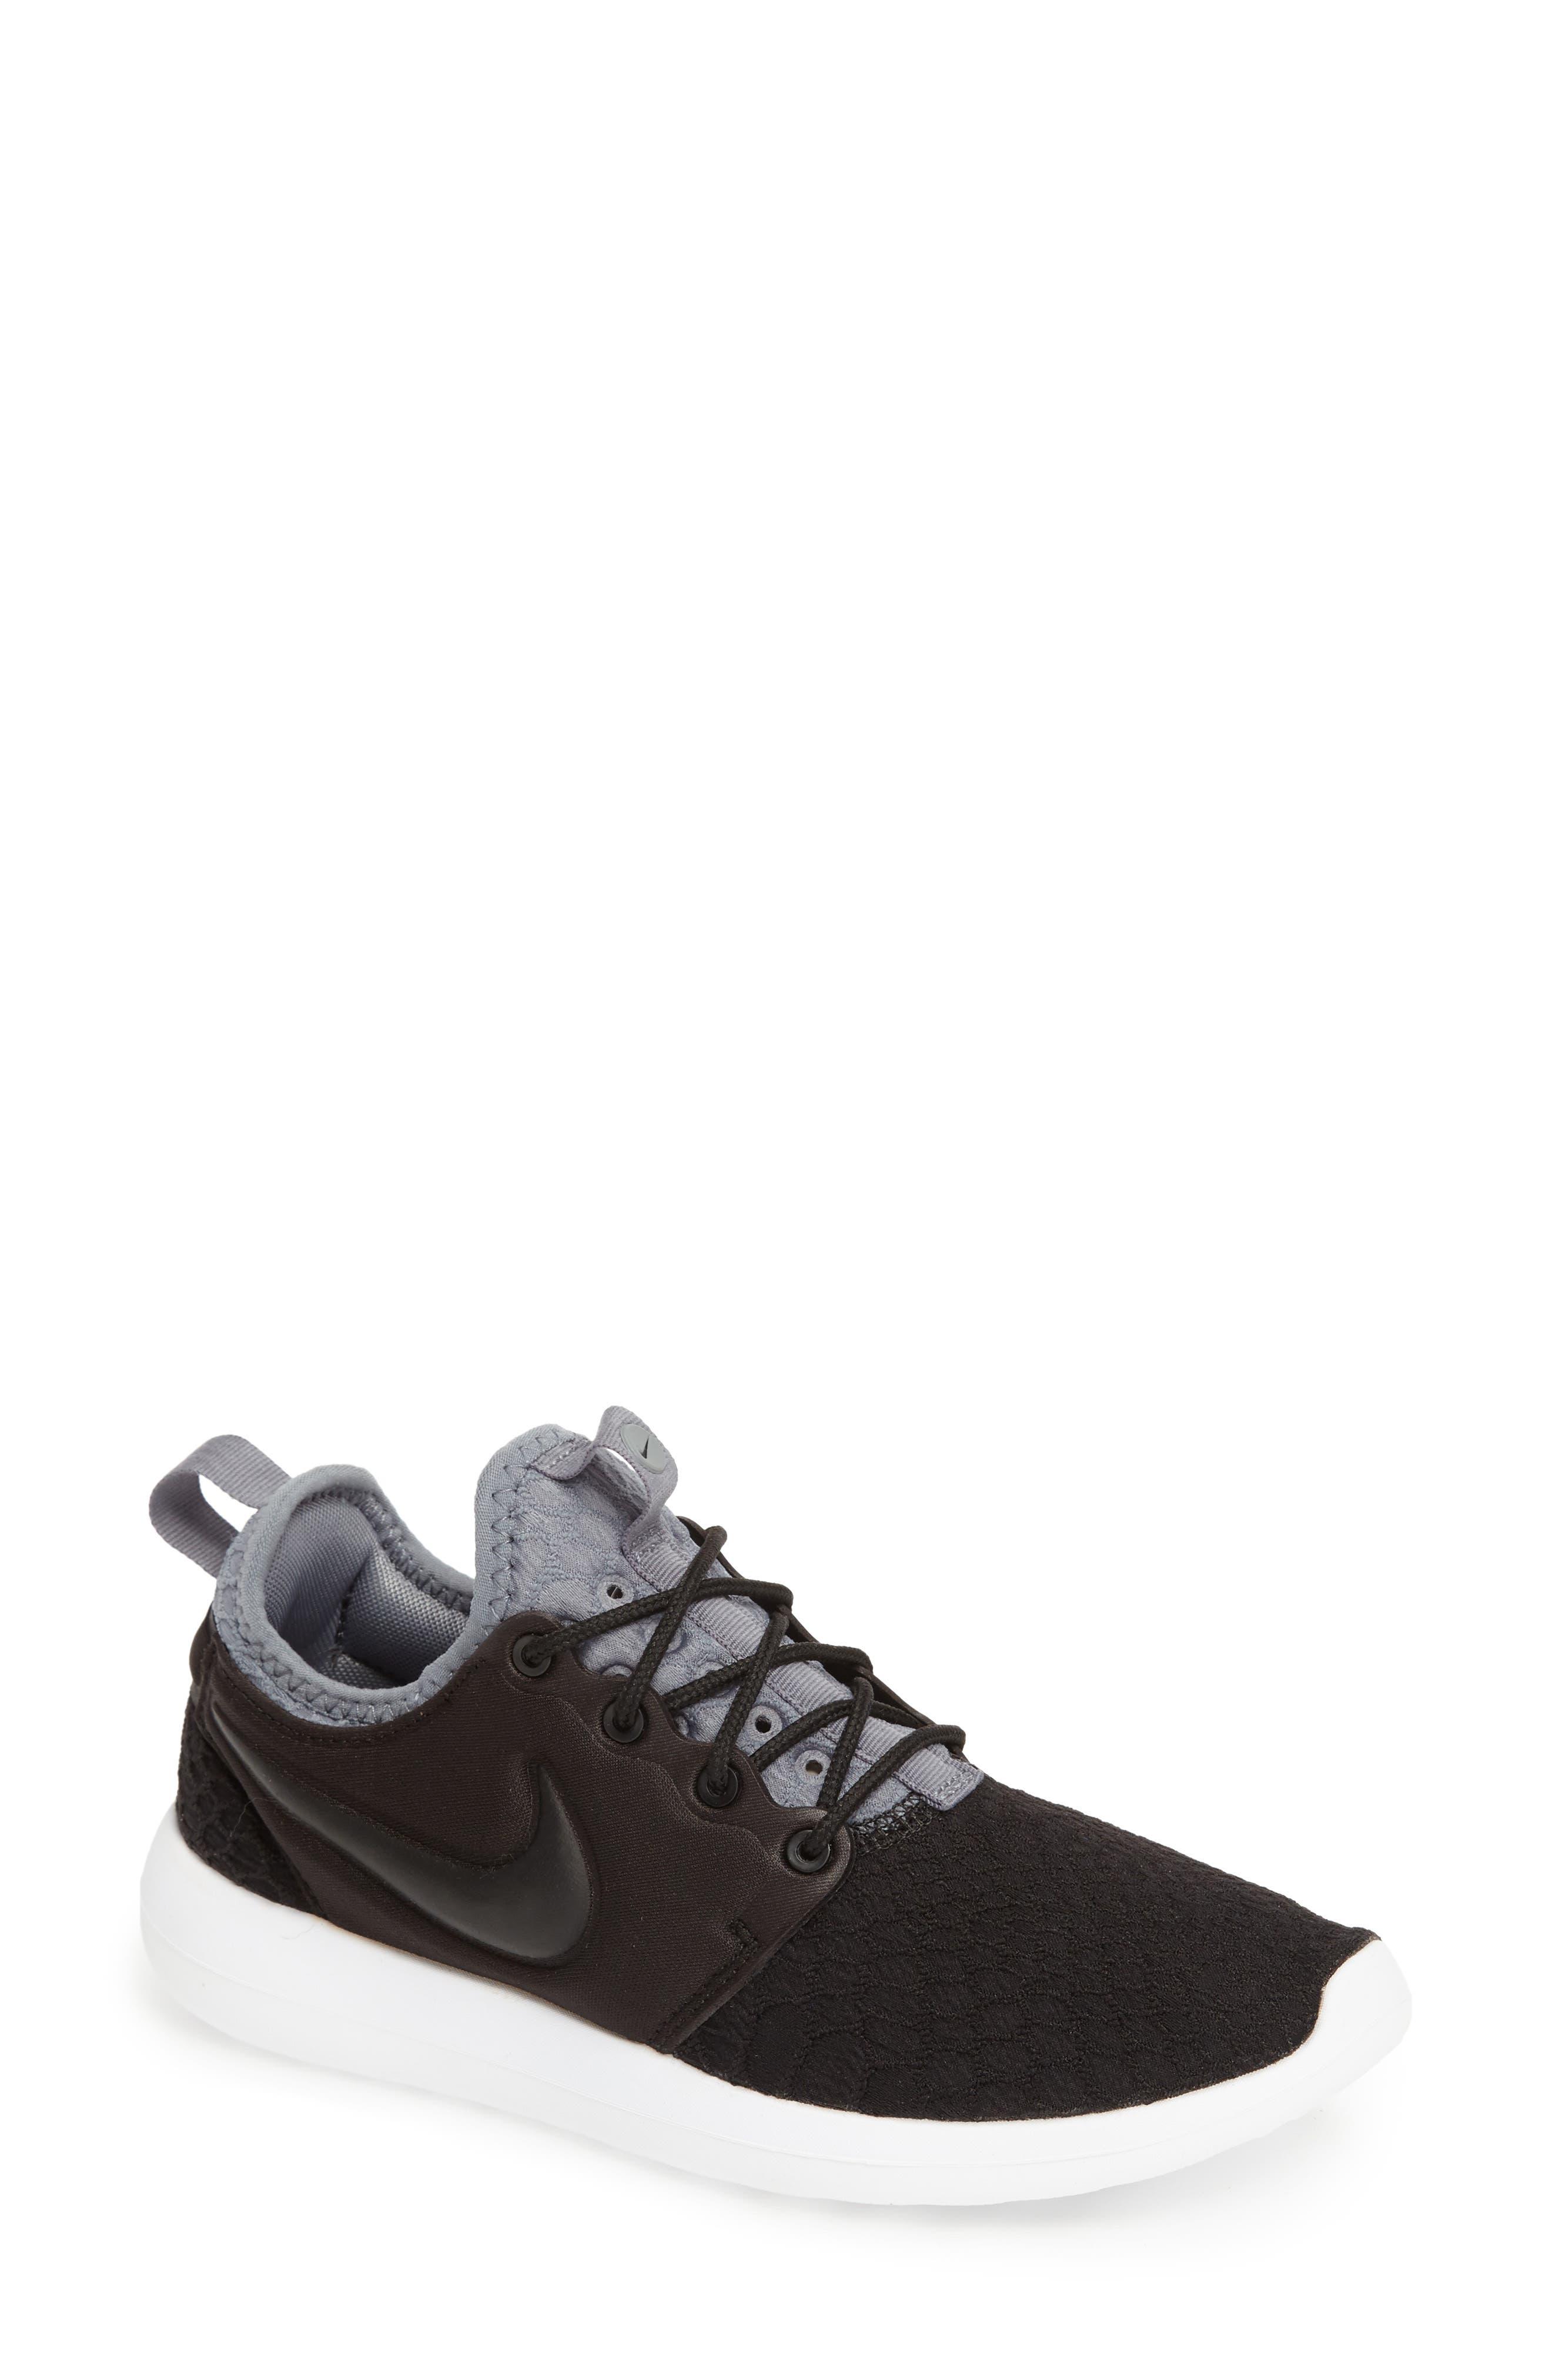 Roshe Two SE Sneaker,                             Main thumbnail 1, color,                             001